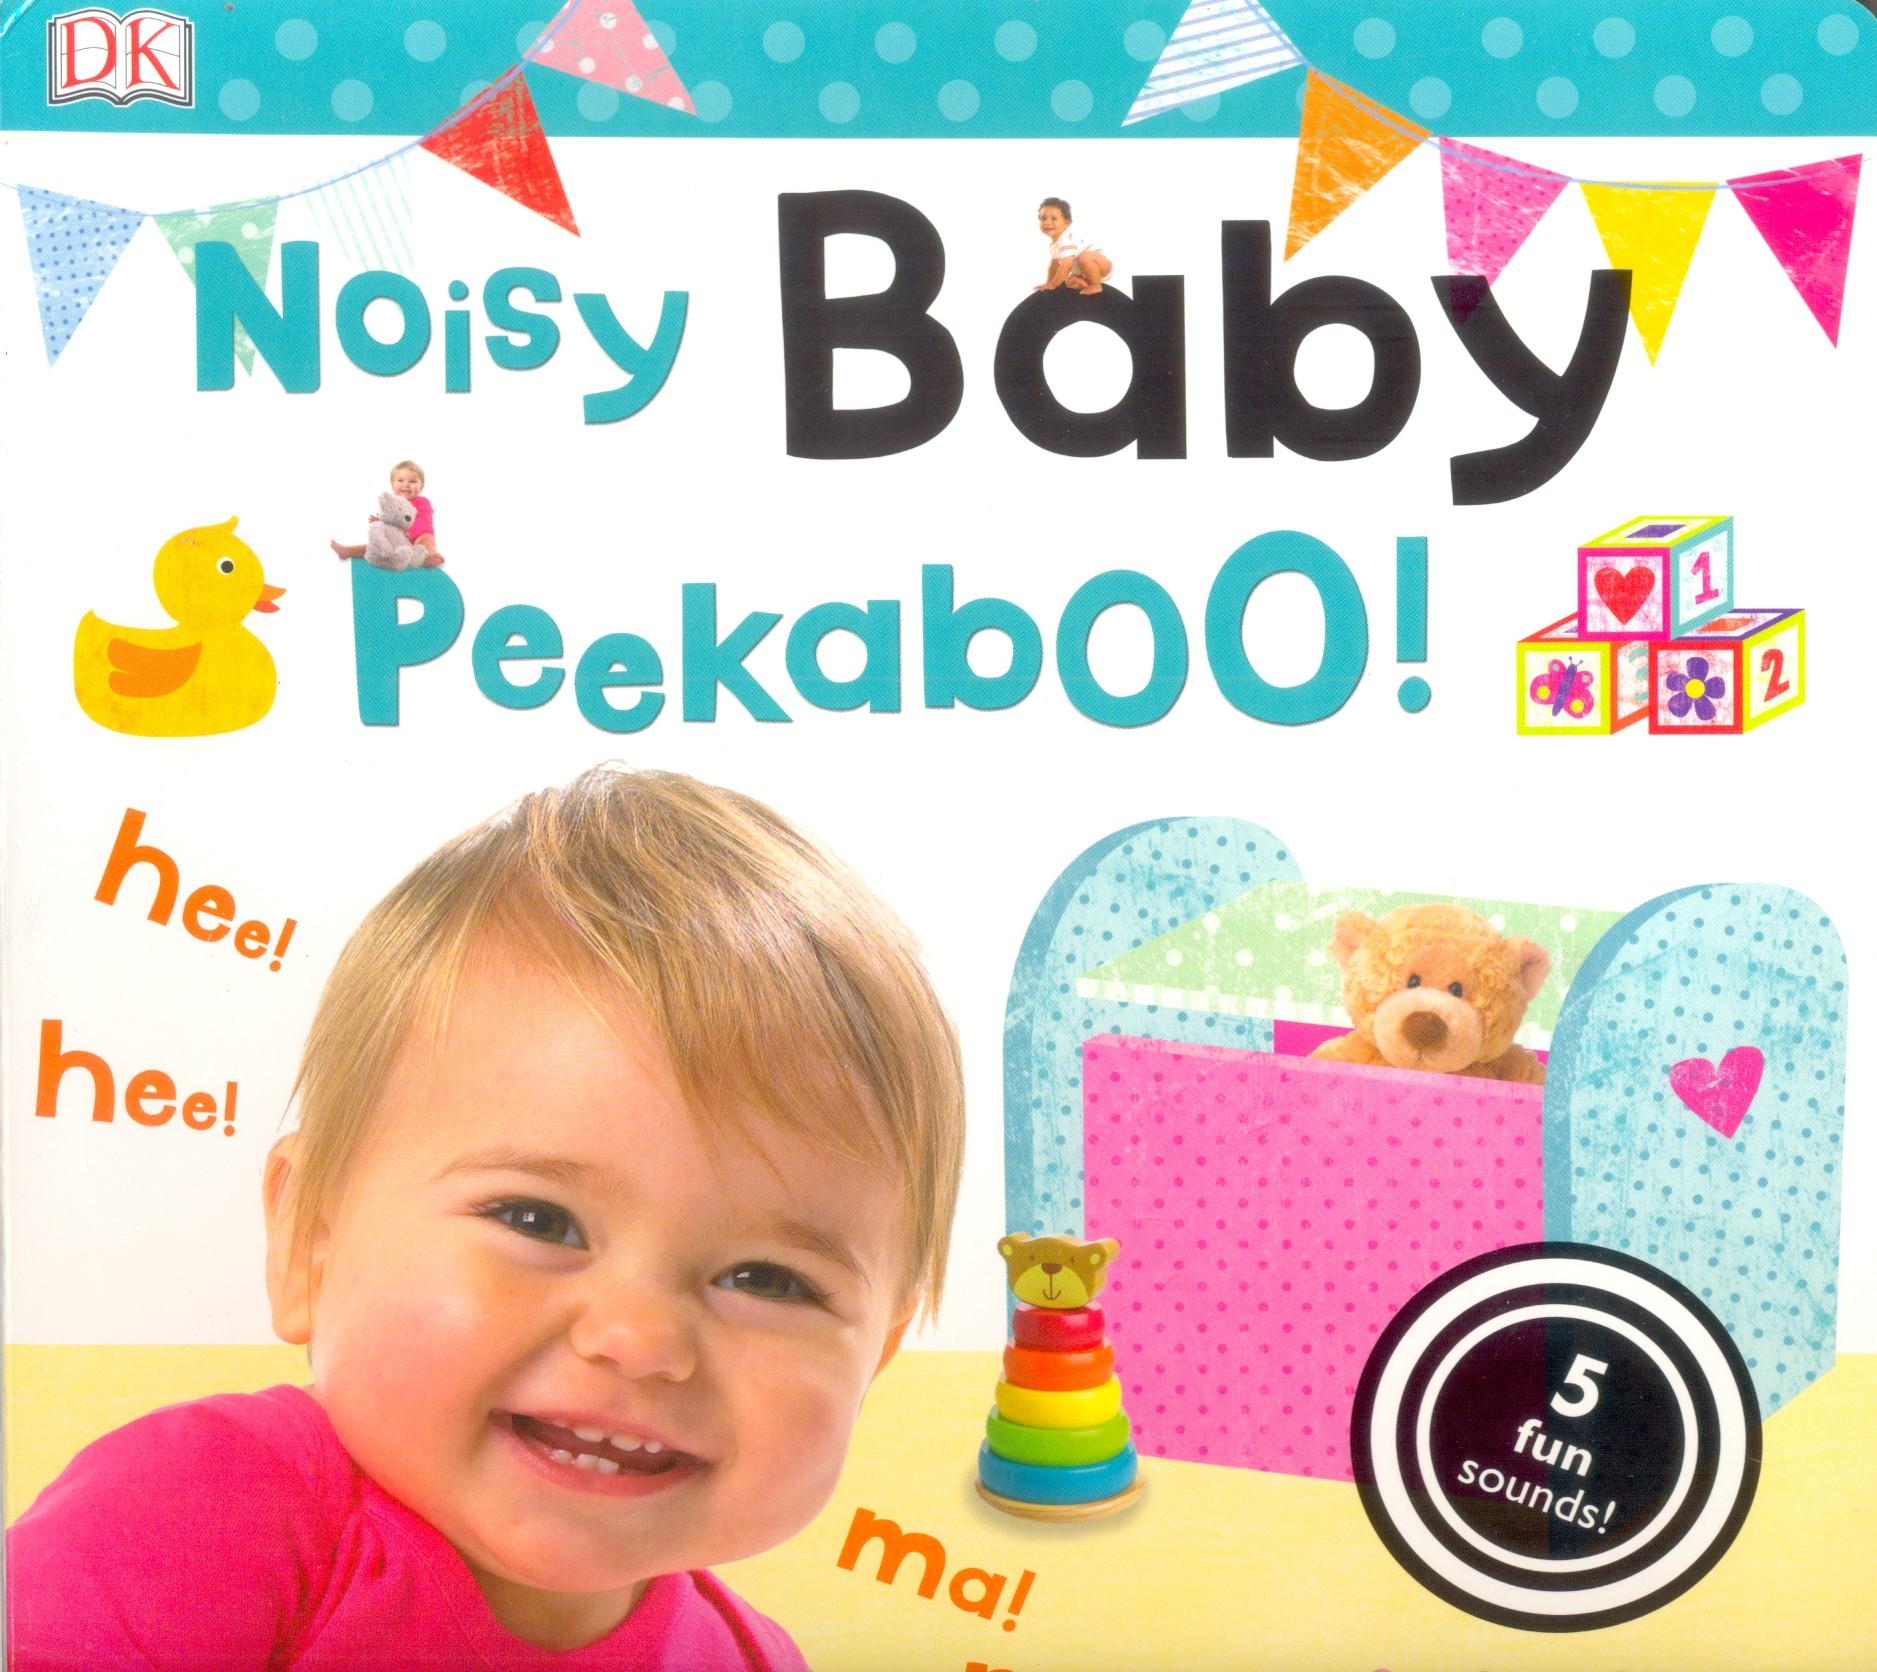 dk Noisy Baby Peekaboo!